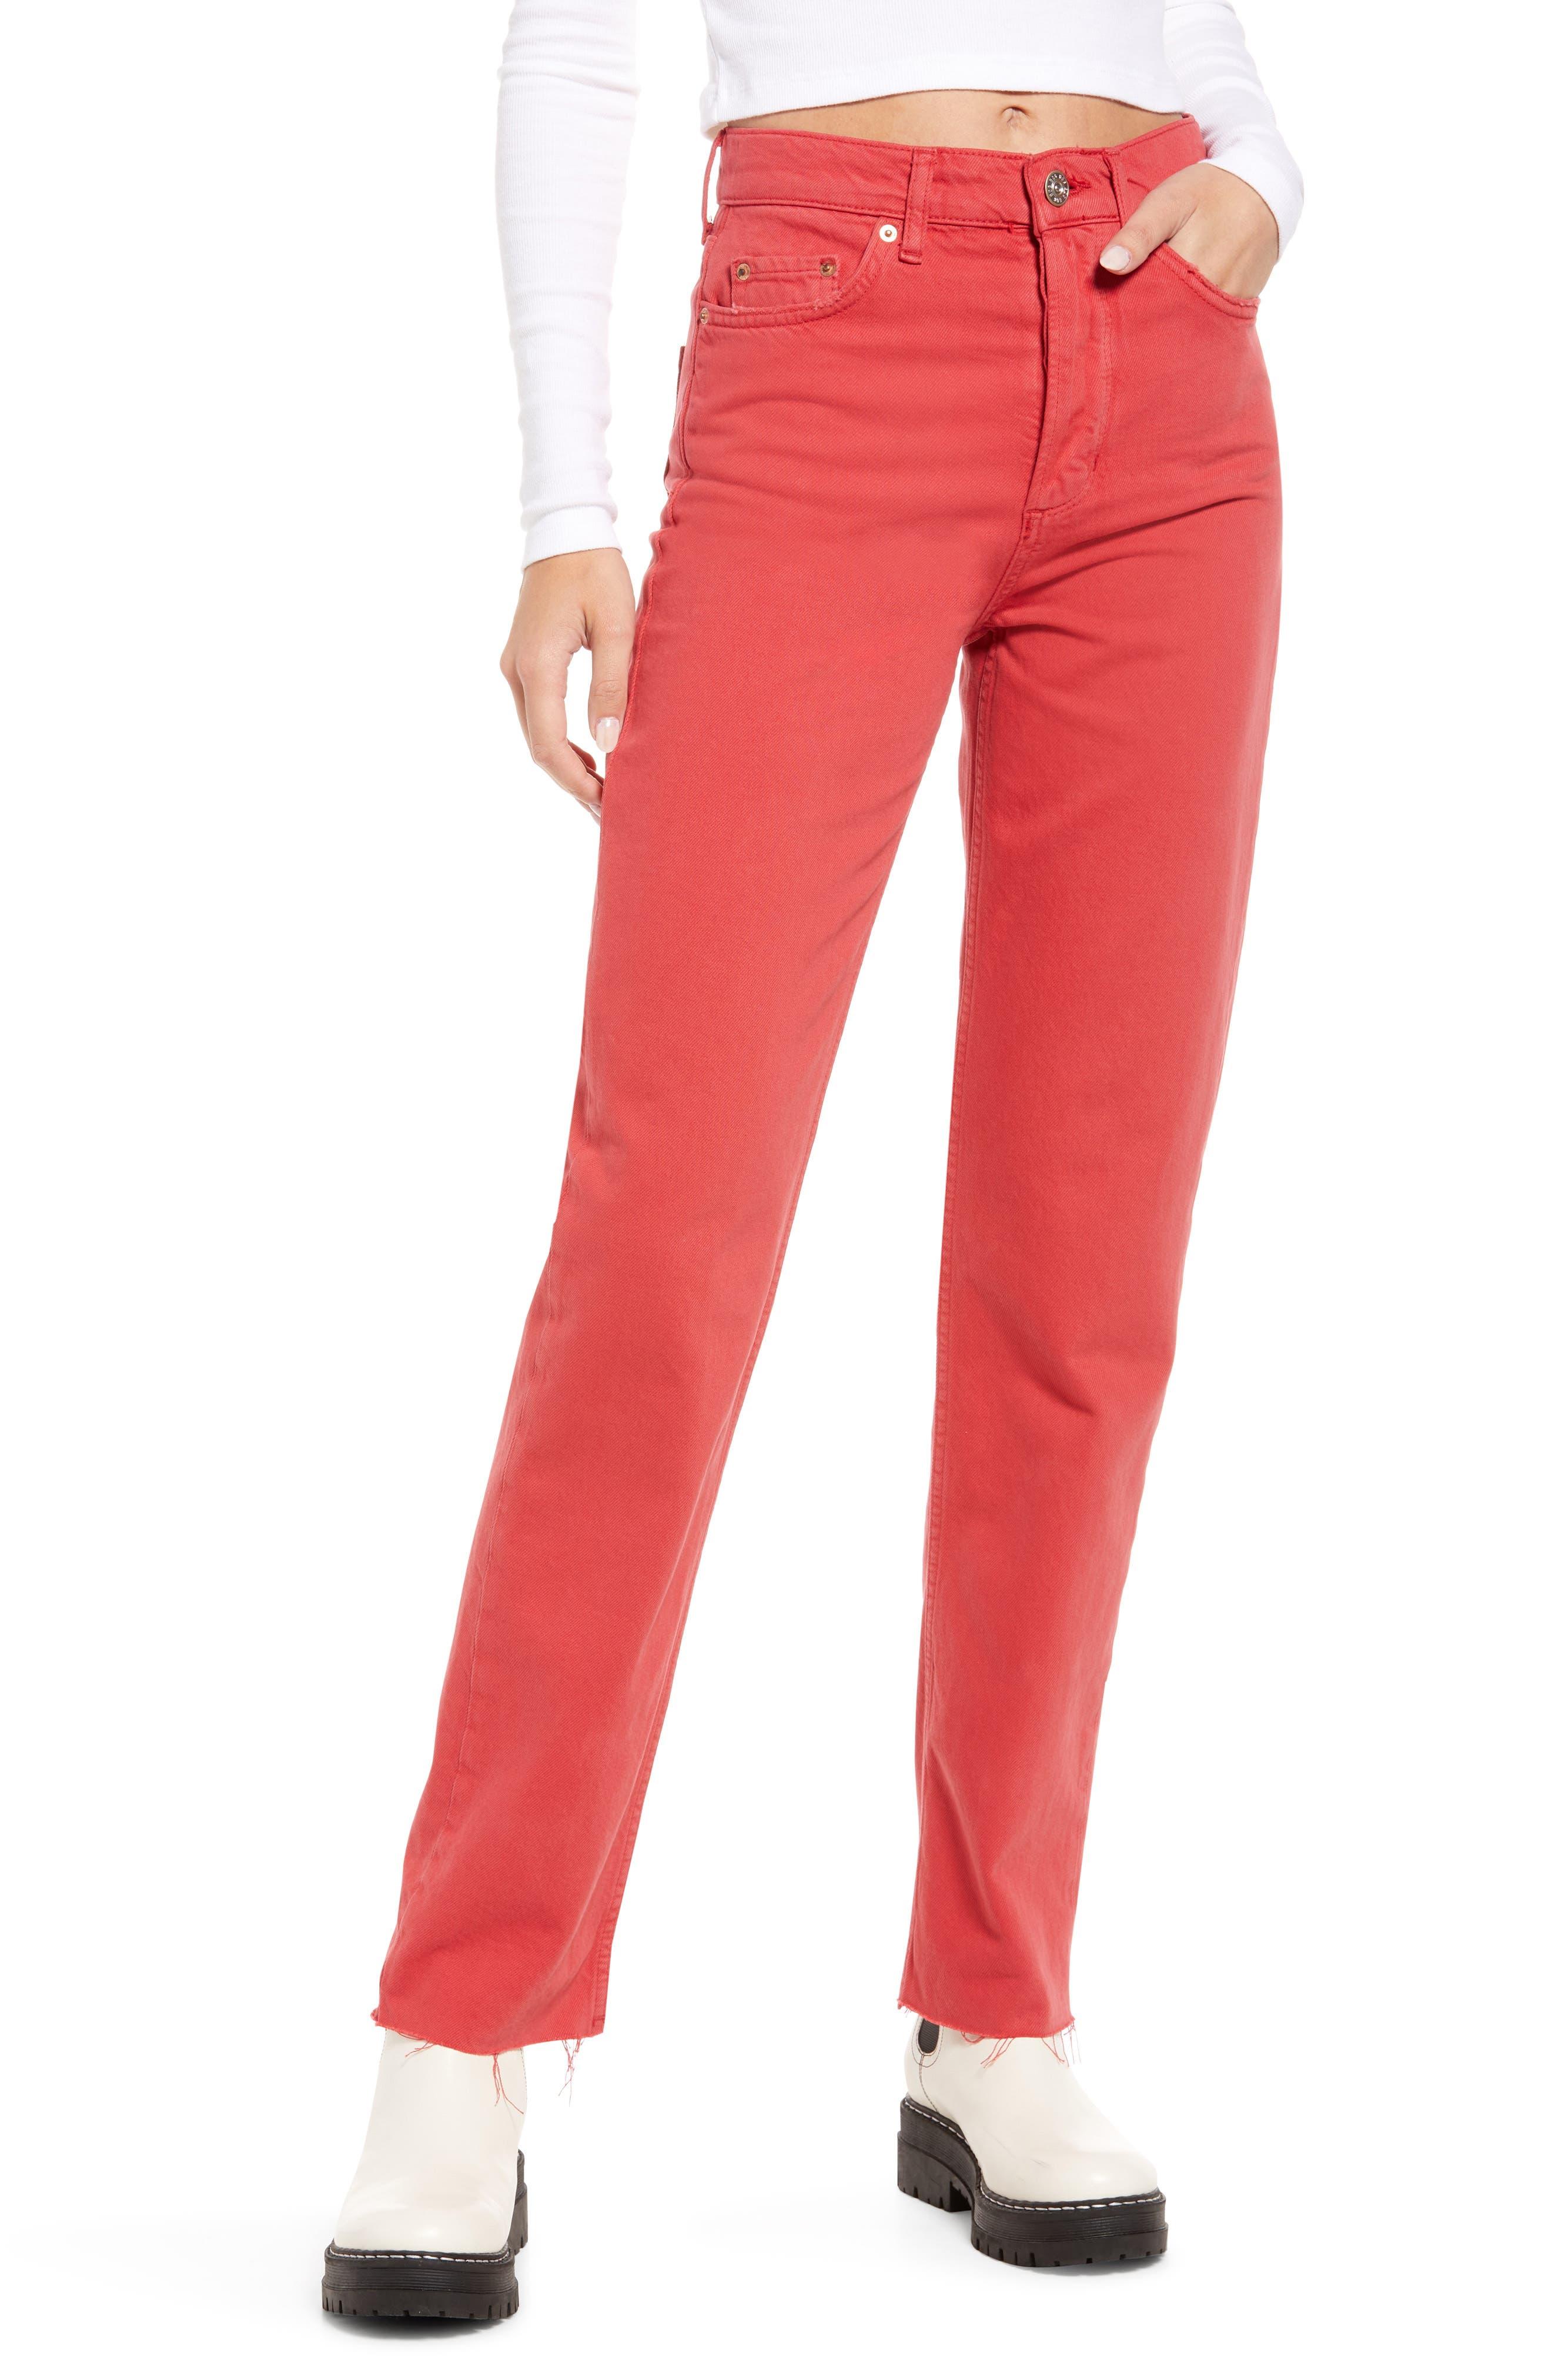 Women's Pax High Waist Straight Leg Jeans